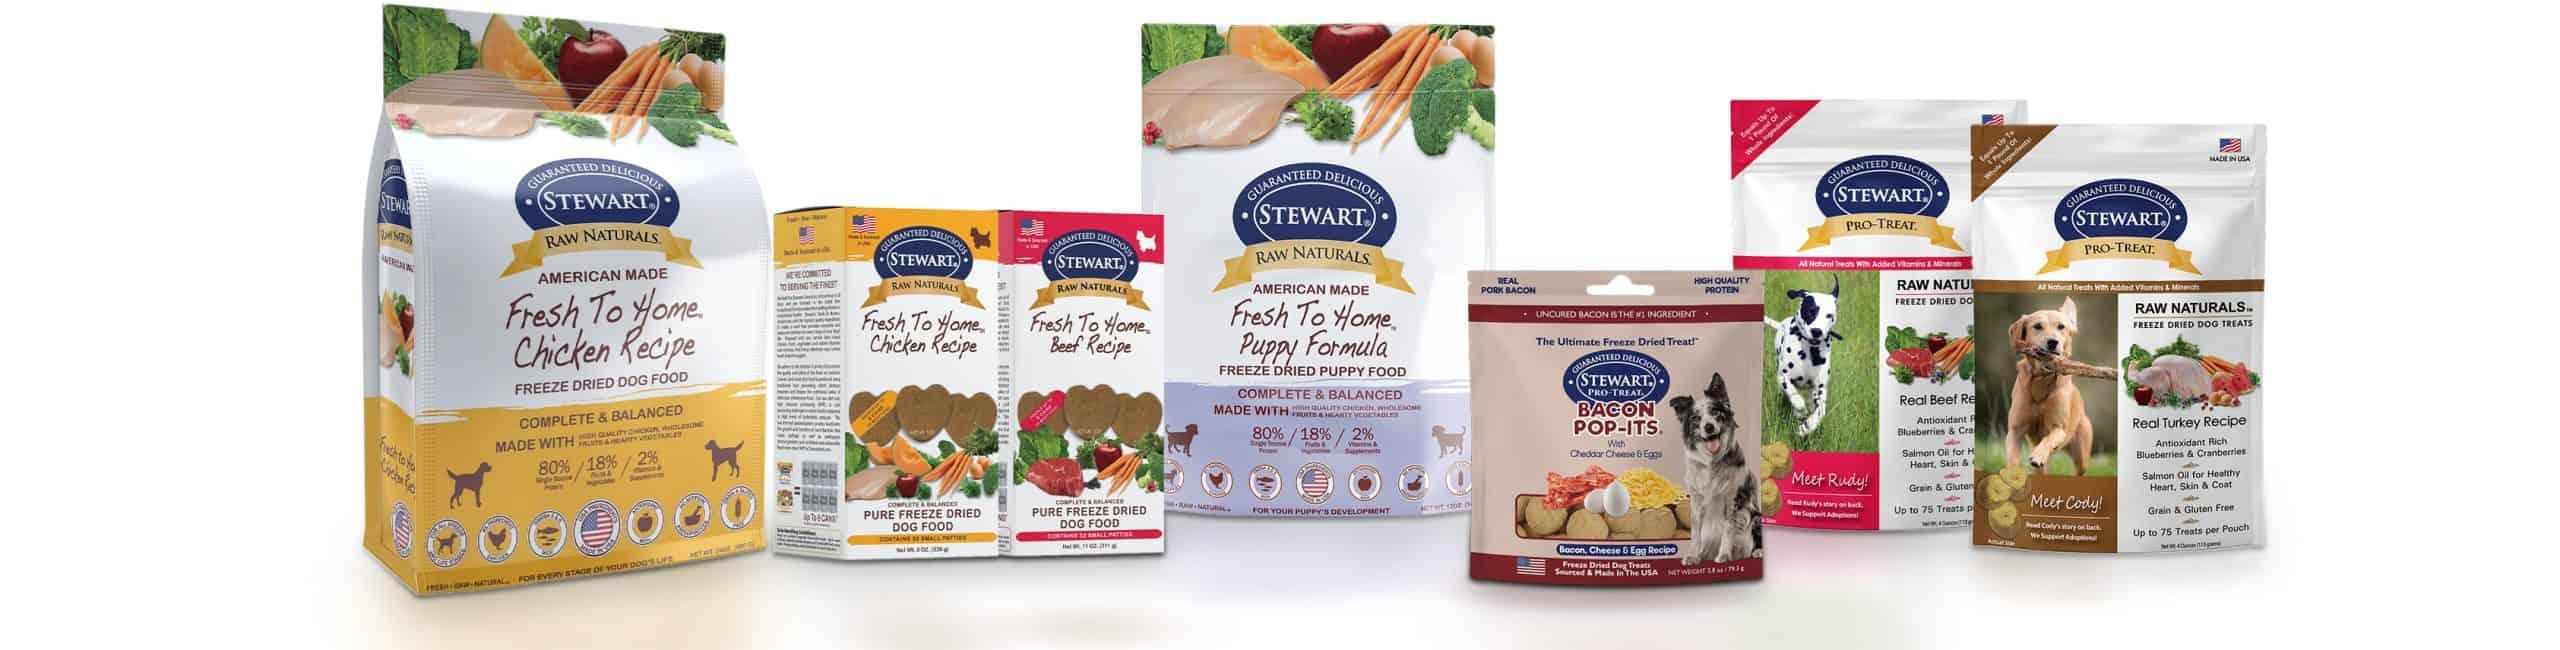 Stewart Products